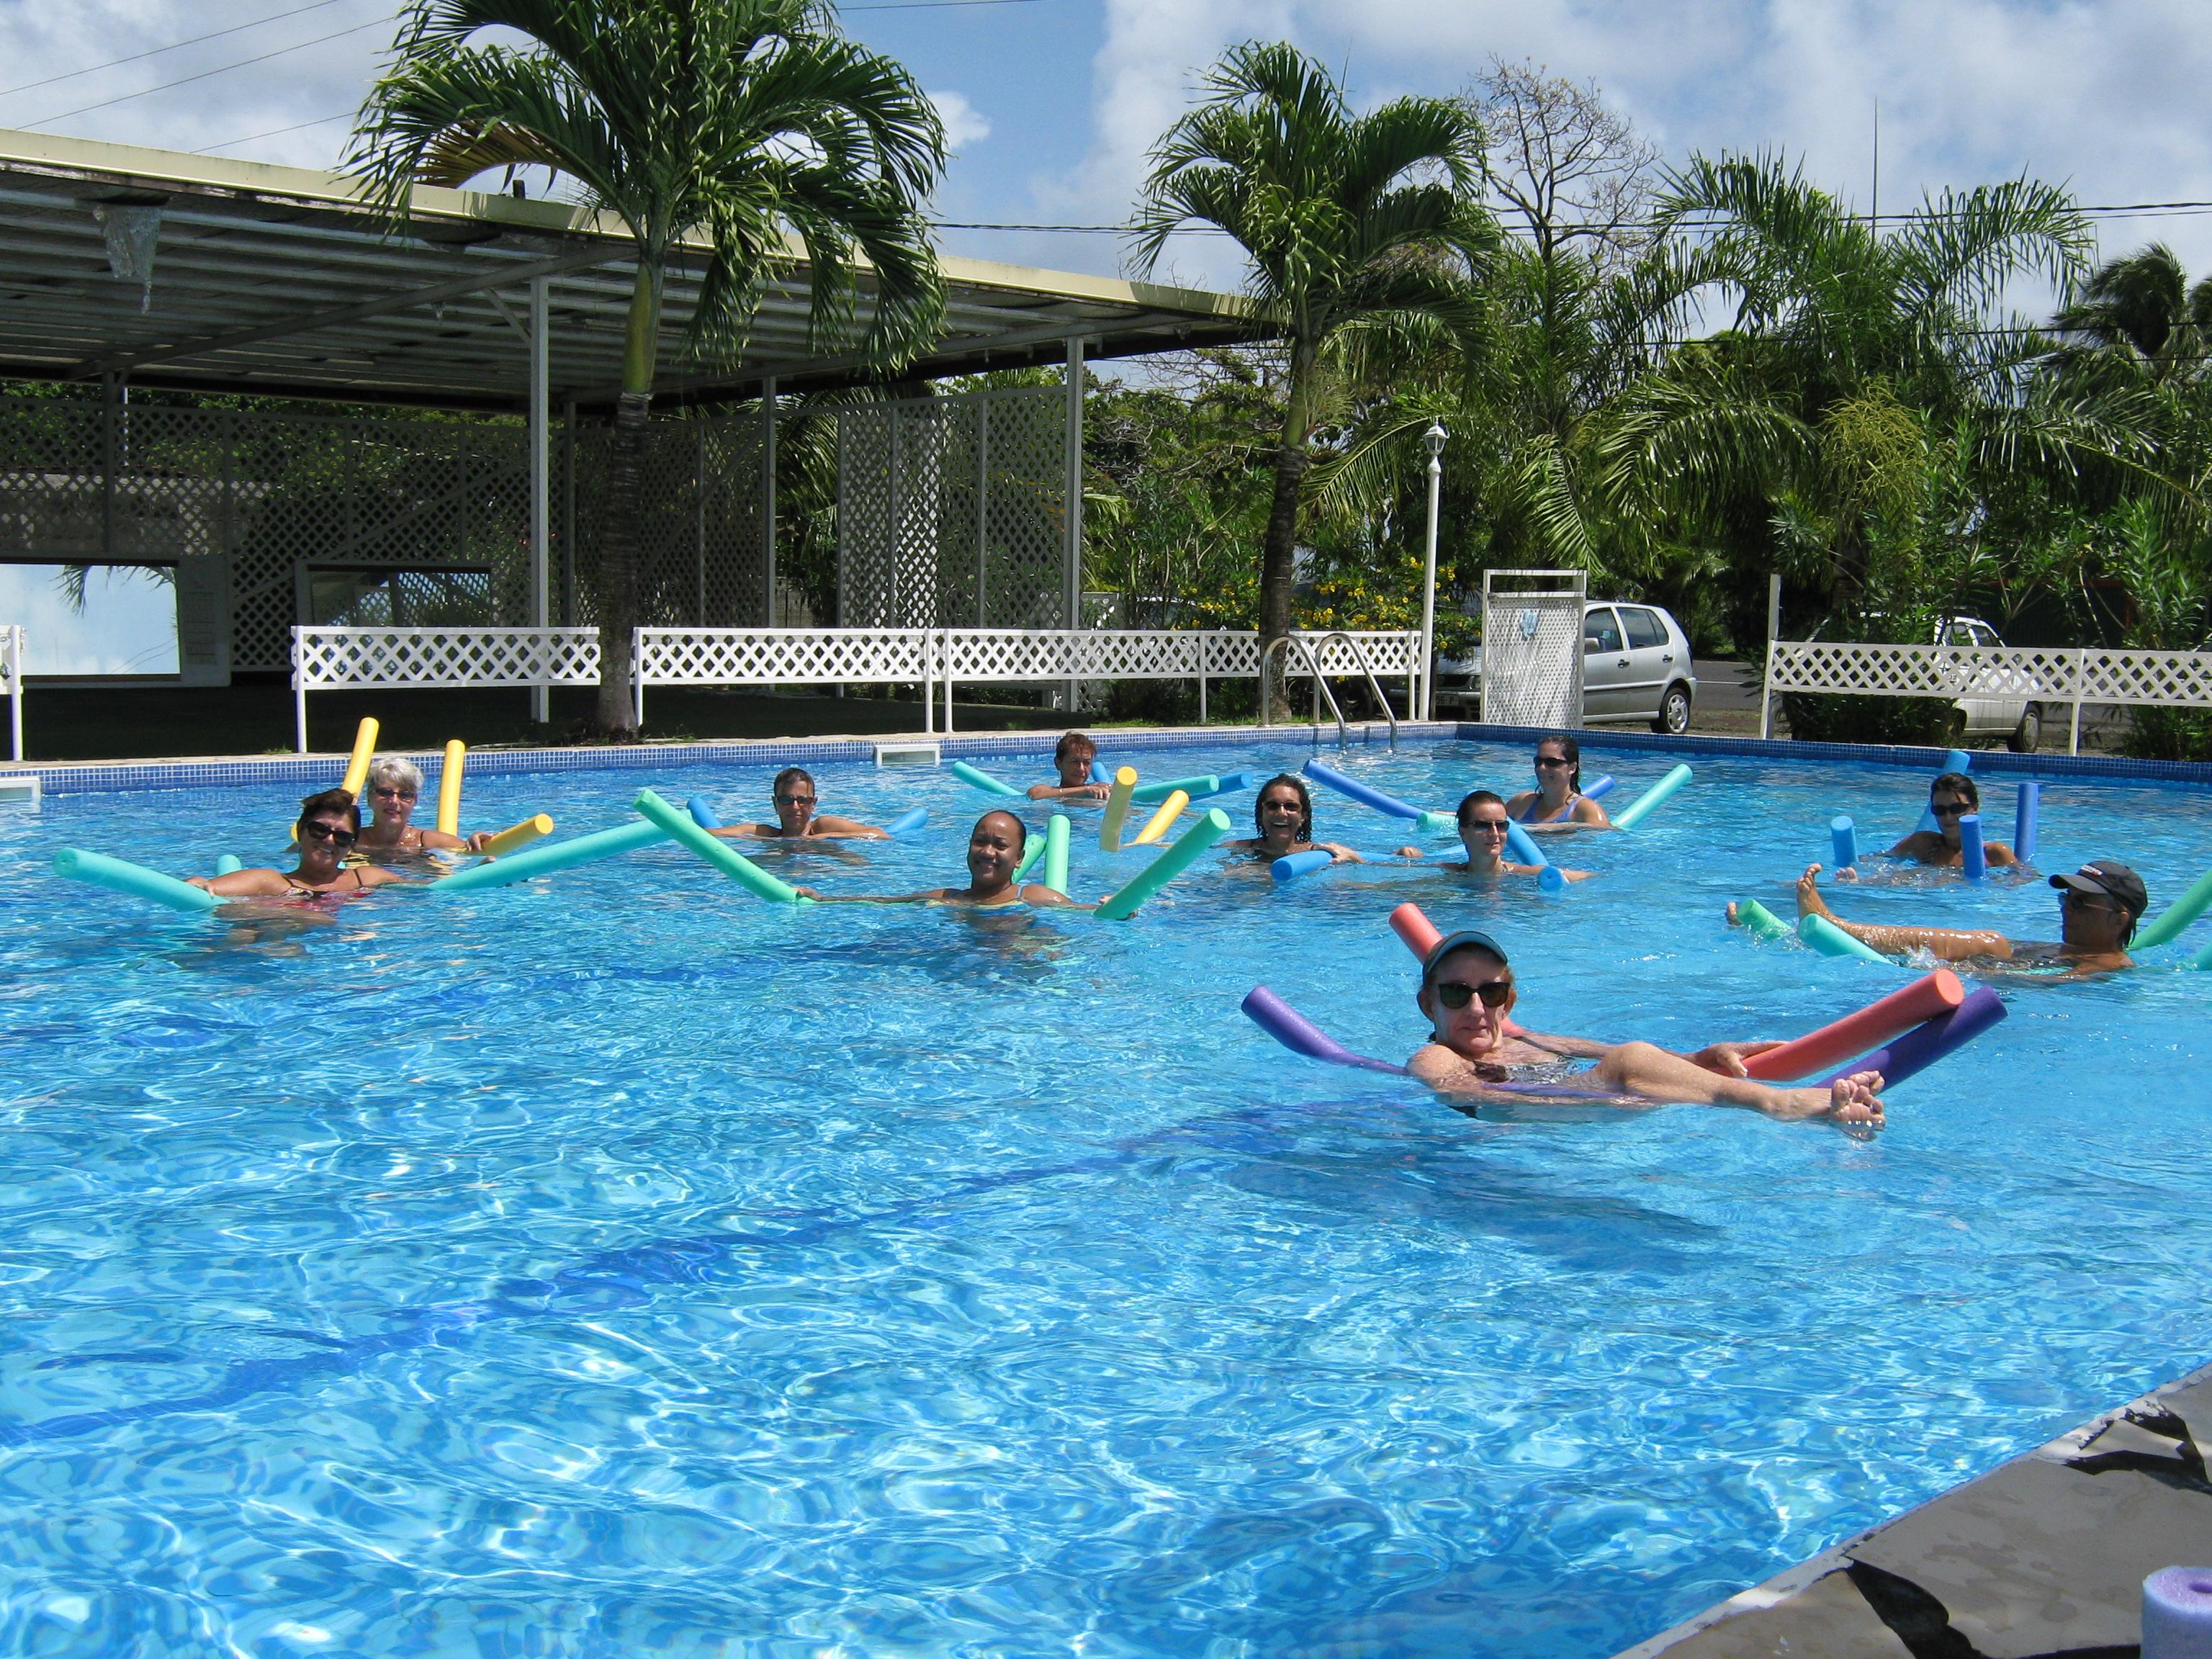 Toutes les activites piscine activites a la piscine for Accouchement en piscine